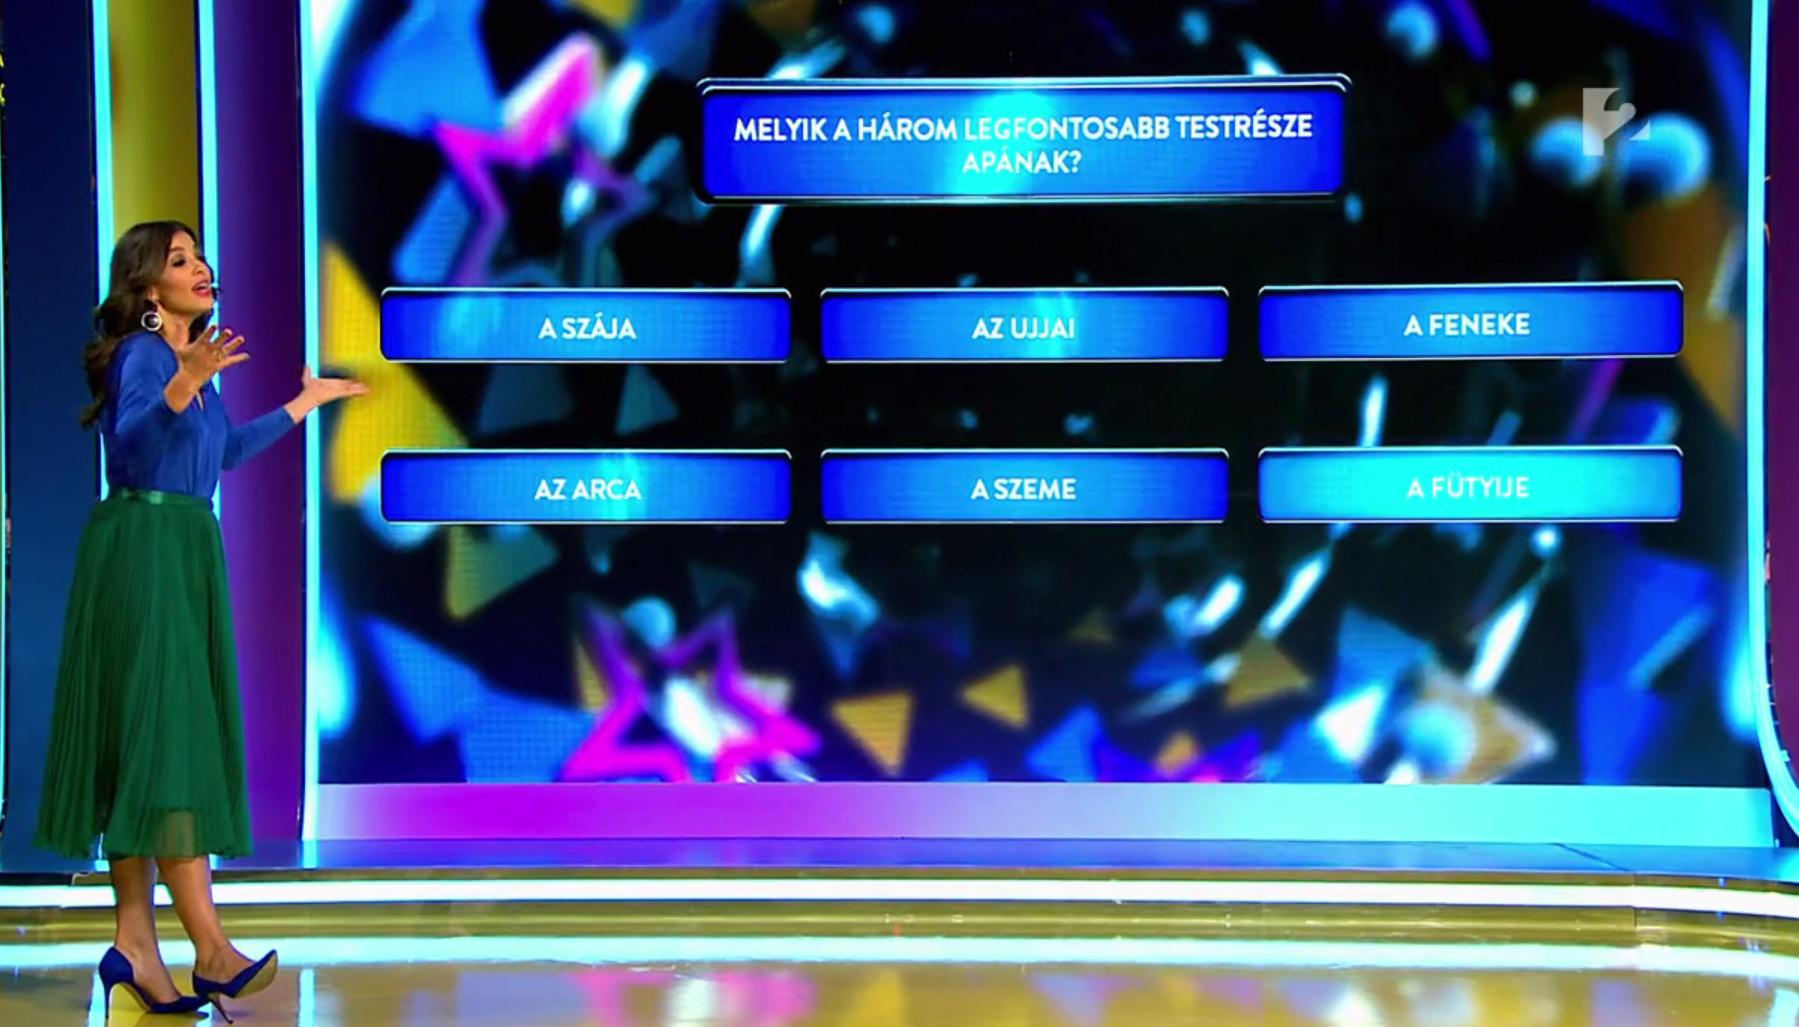 Győrfi Pál kedvenc testrésze a fütyije - mesélte el kislánya a TV2 műsorában